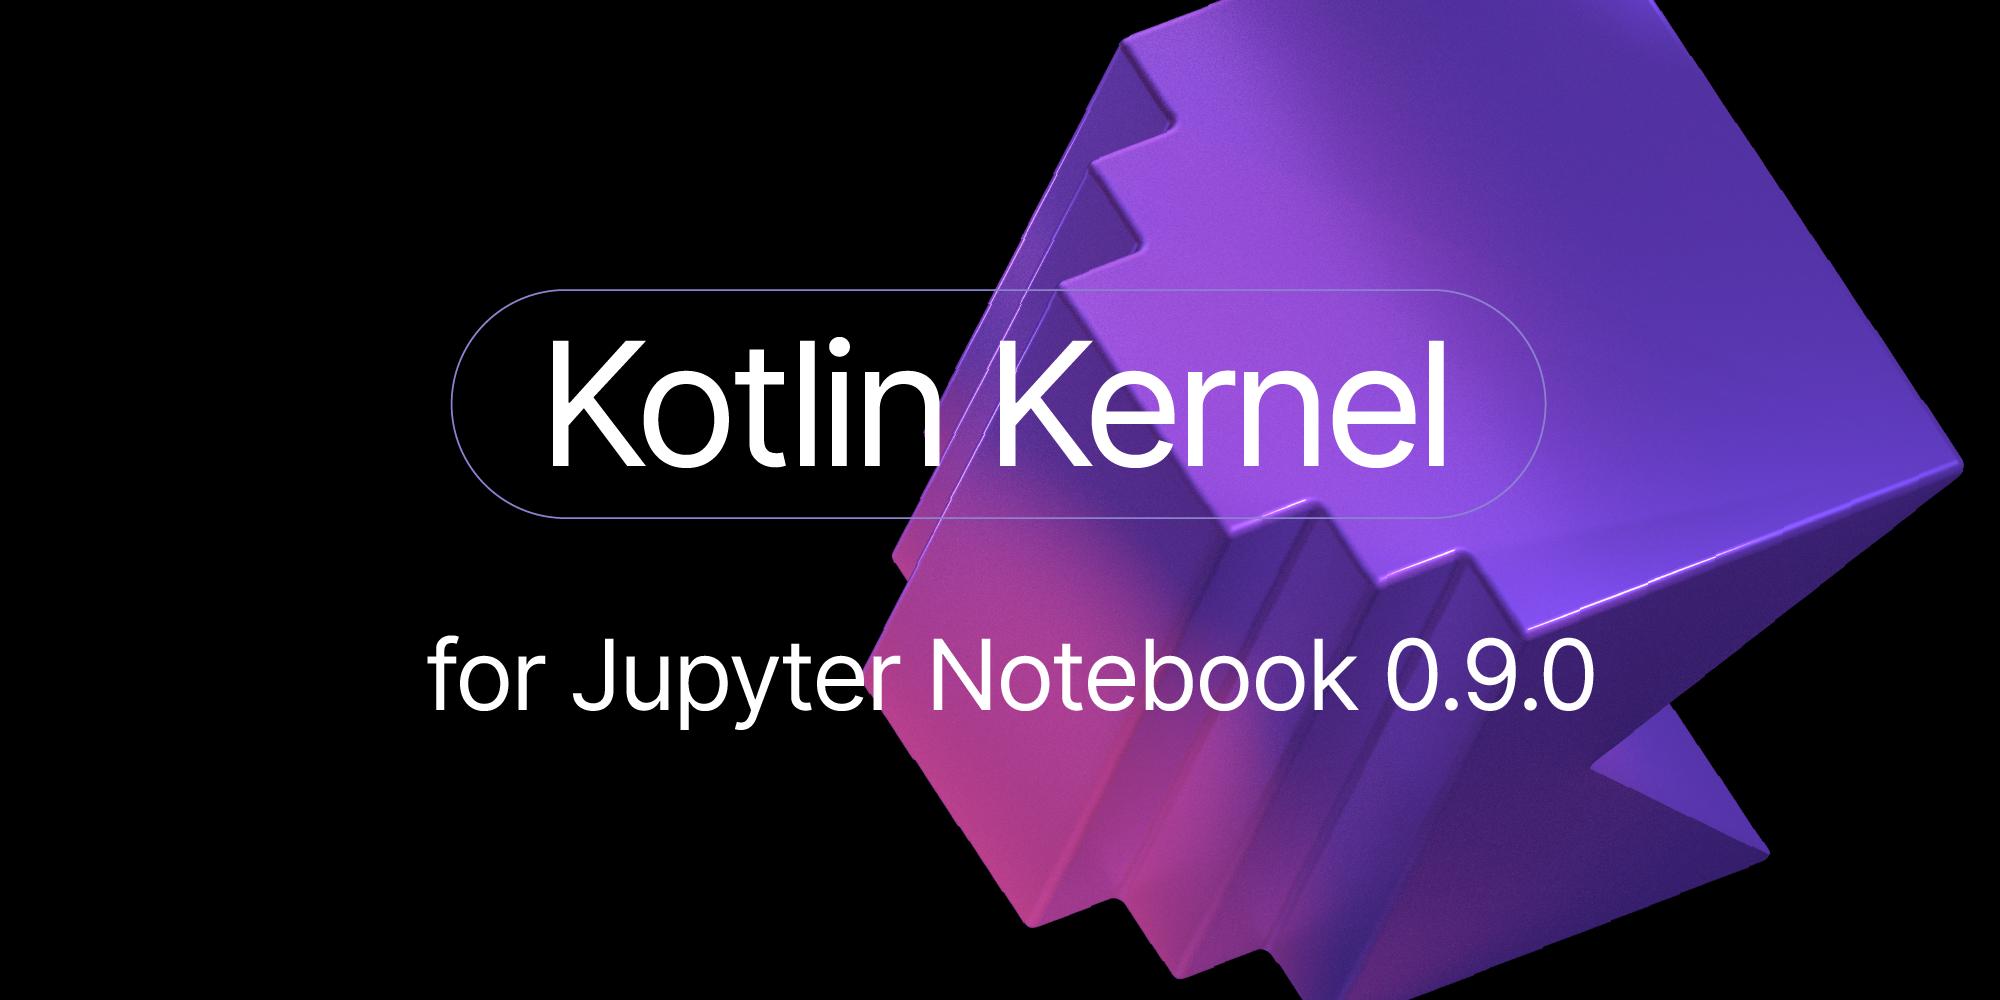 Kotlin Kernel for Jupyter Notebook, v0.9.0